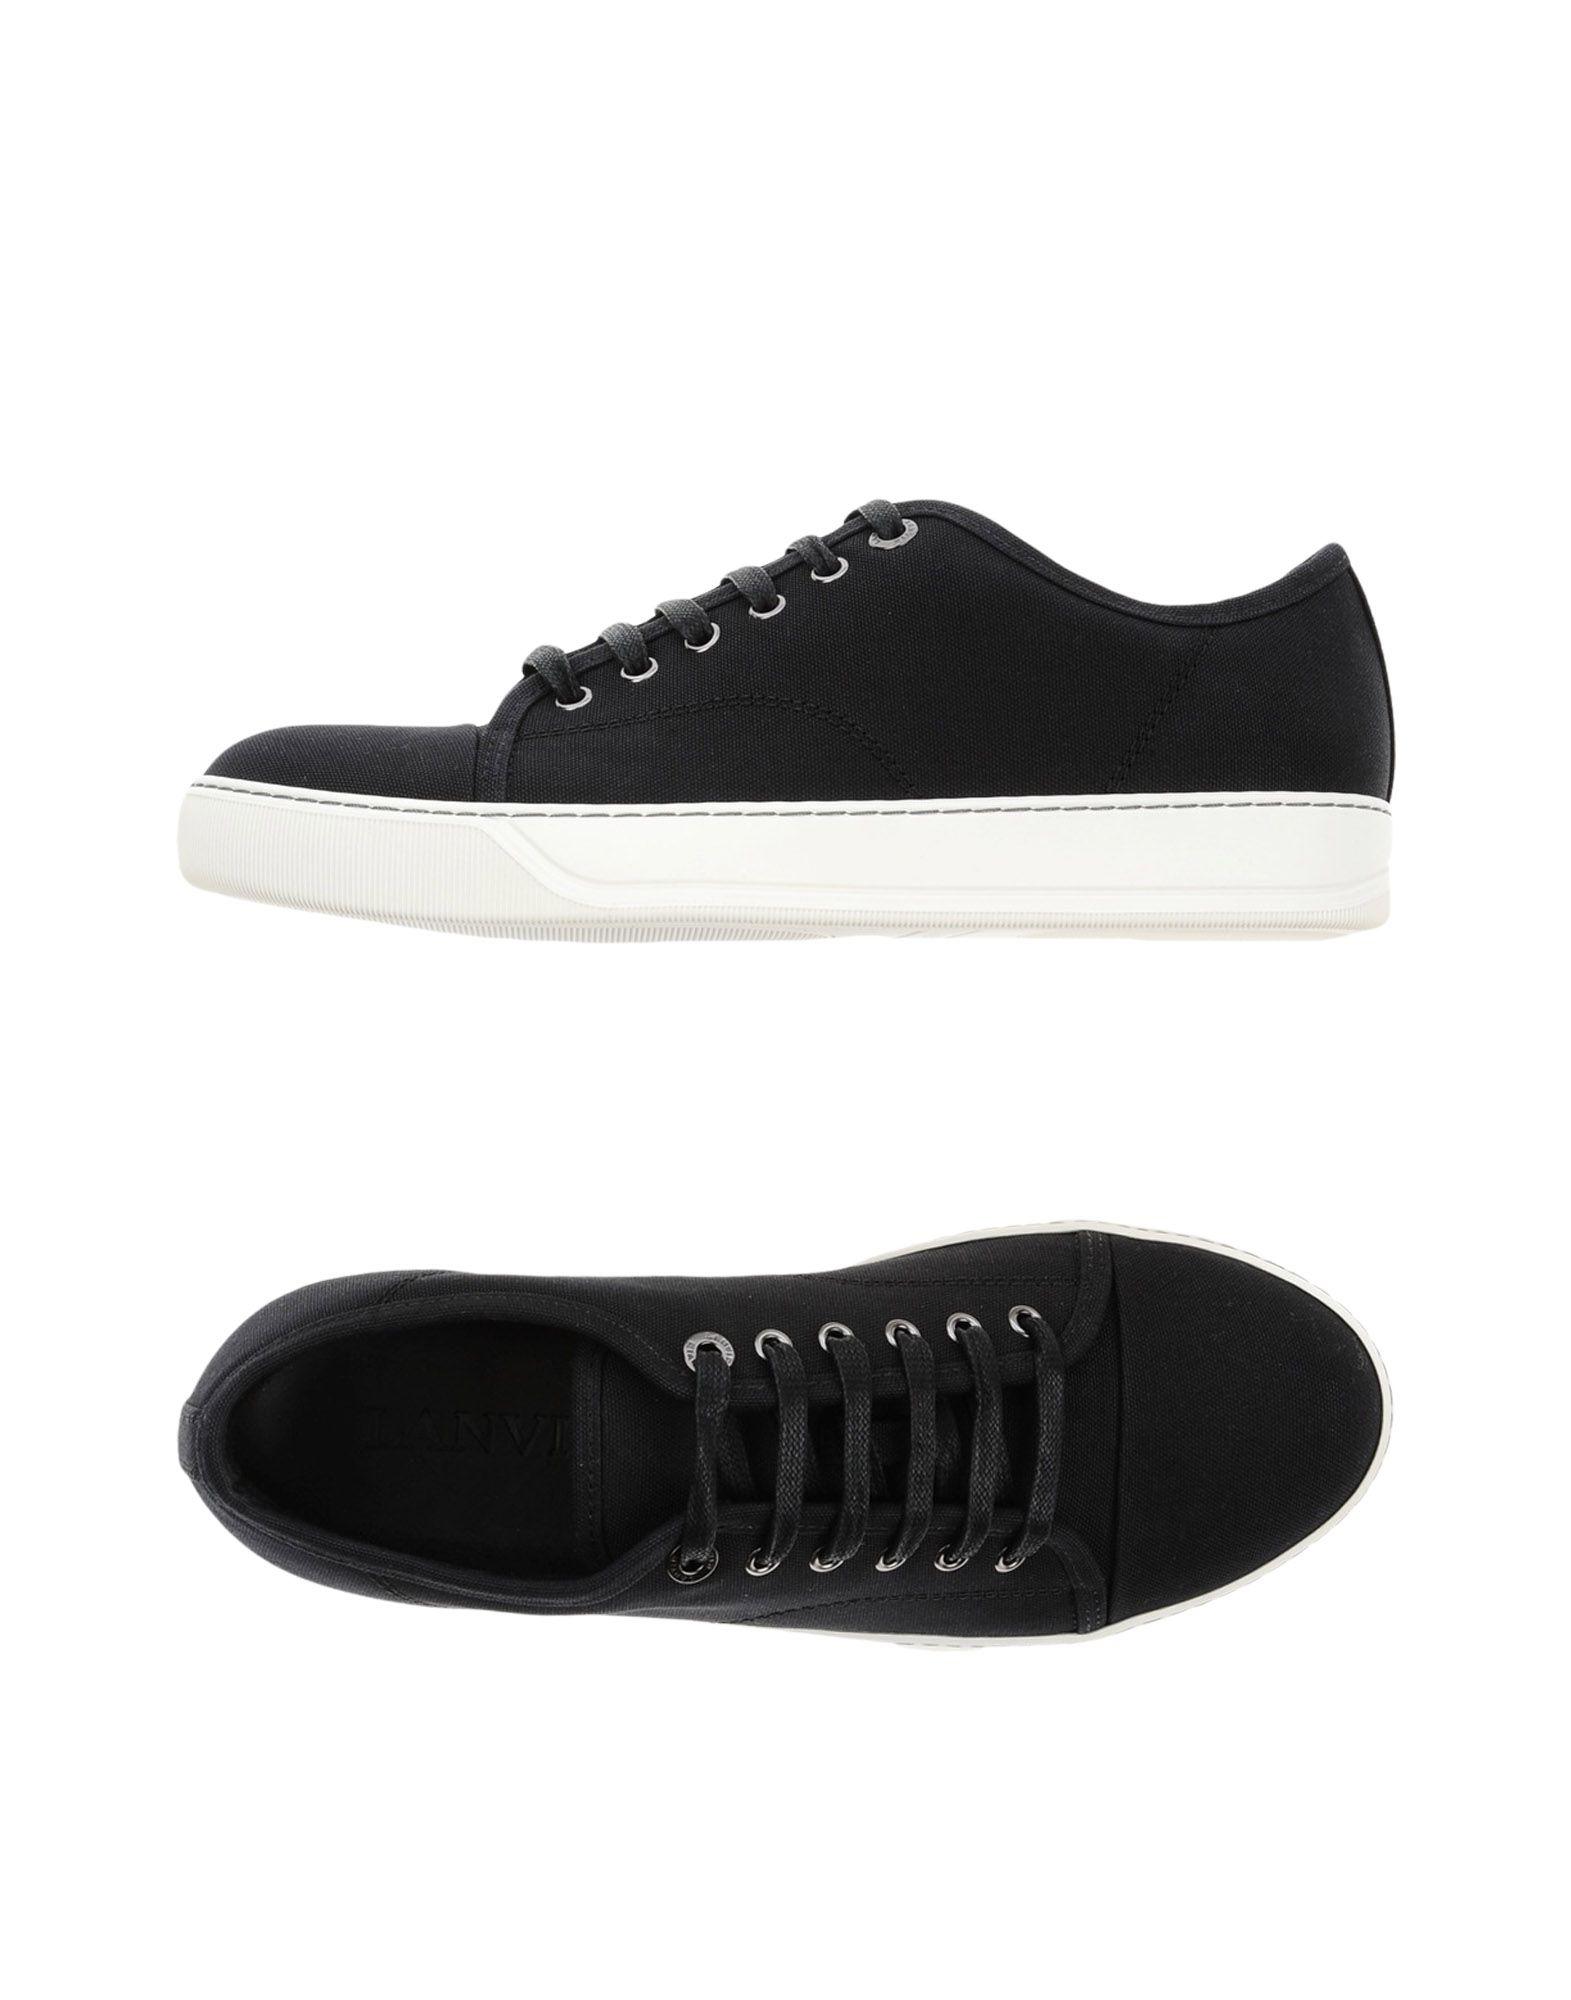 Lanvin Sneakers Qualität Herren  11376011NI Gute Qualität Sneakers beliebte Schuhe 5681df